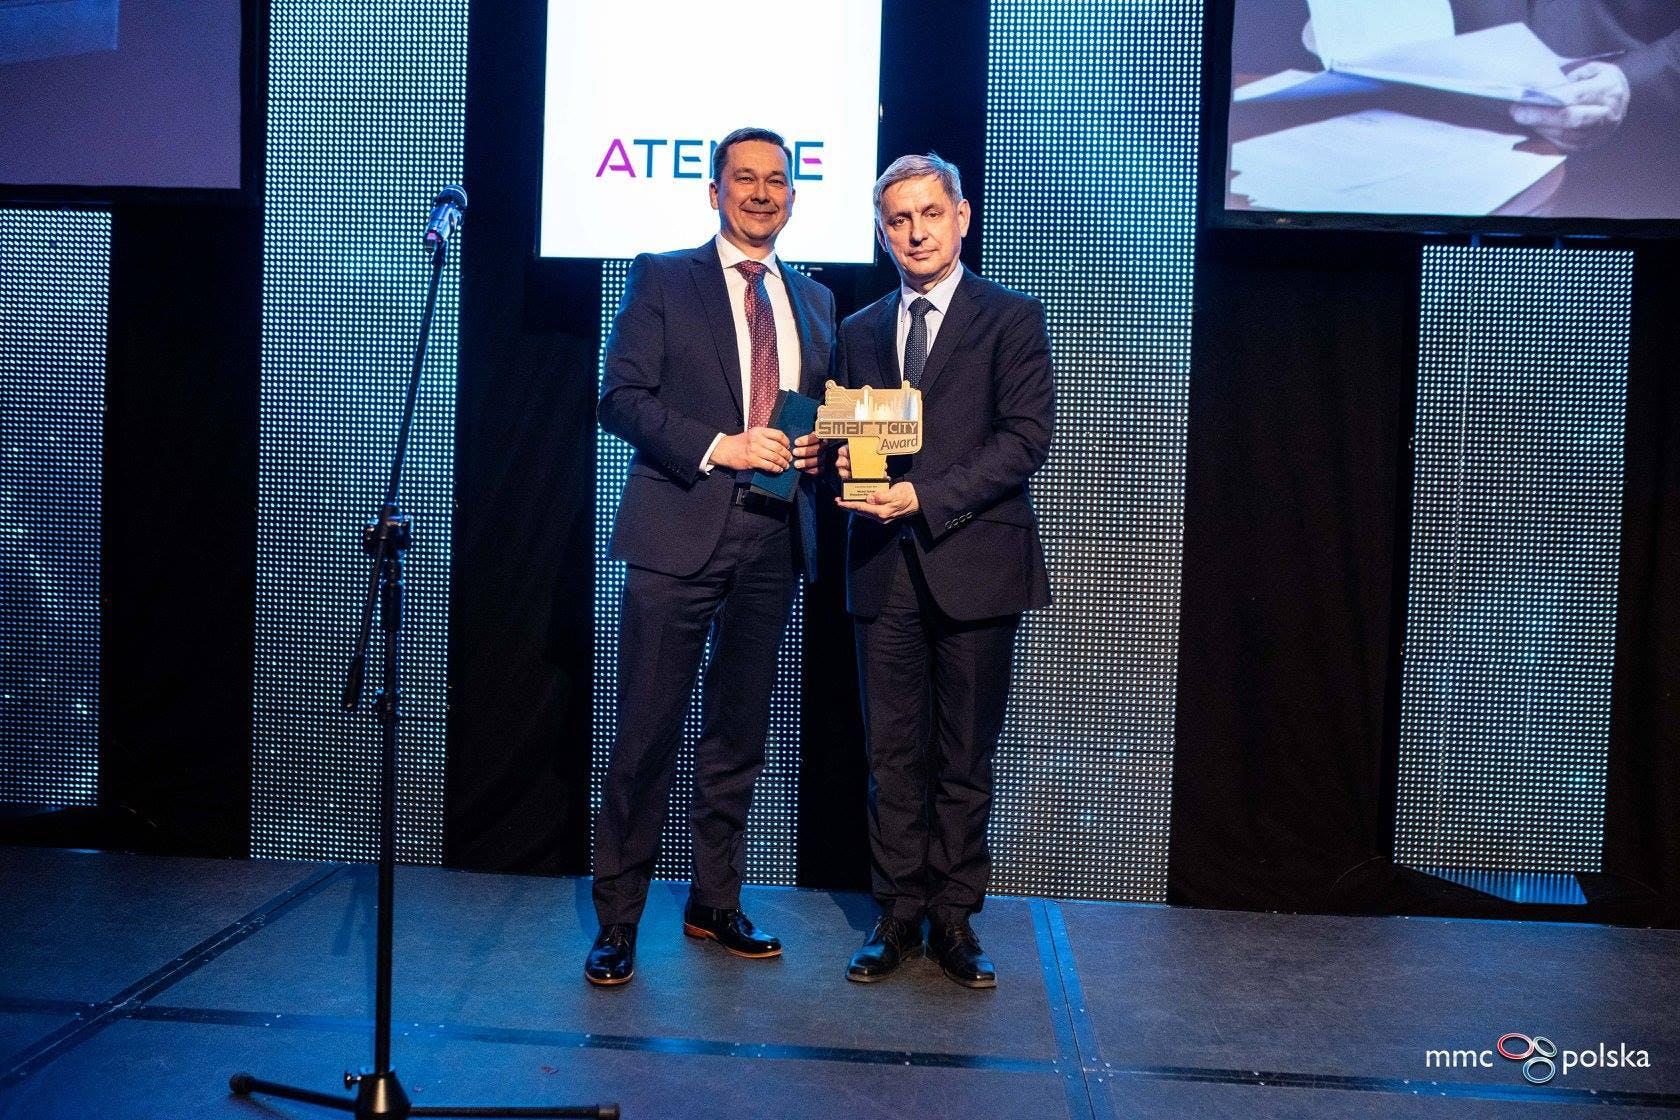 Michał Zalewski, Prezydent Miasta Torunia, odbierający nagrodę Człowieka Roku 2018 podczas Smart City Forum. Nagrodę wręcza Jacek Szczepański, Wiceprezes Zarządu Atende SA